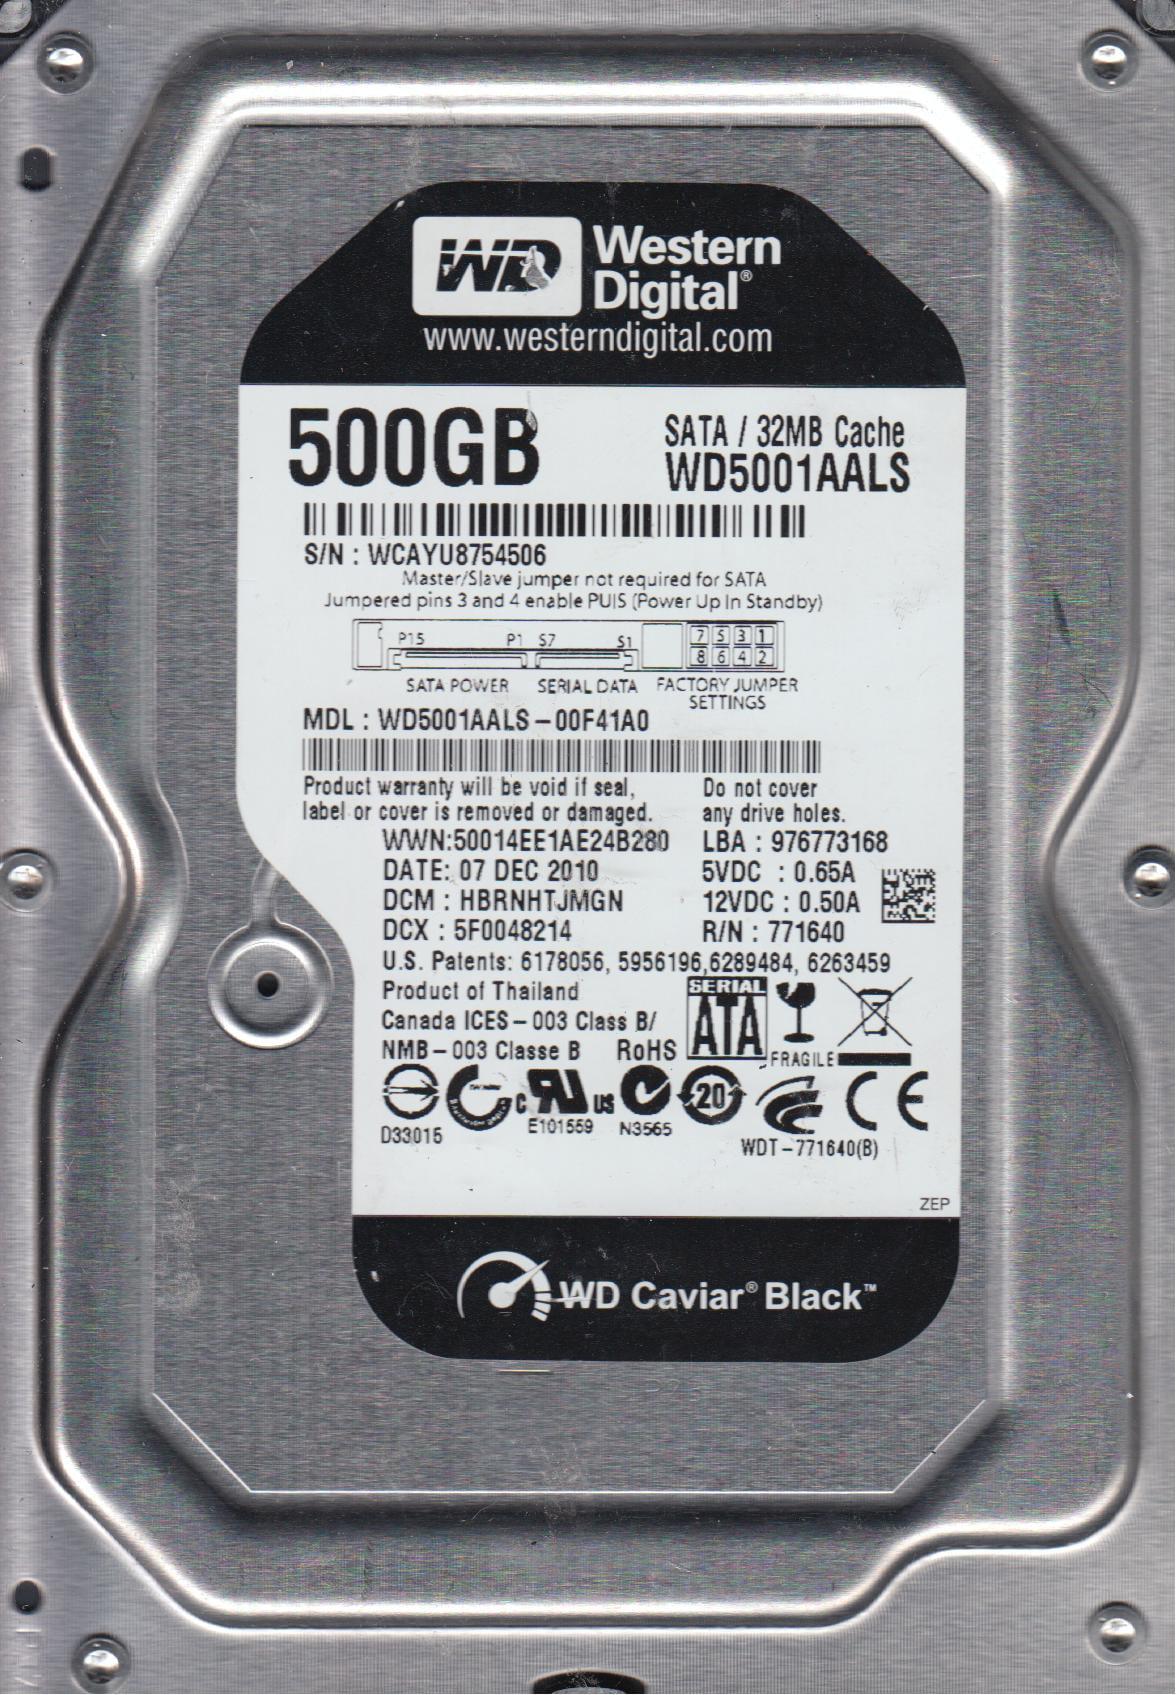 WD5001AALS-00F41A0, DCM HBRNHTJMGN, Western Digital 500GB SATA 3.5 Hard Drive by WD